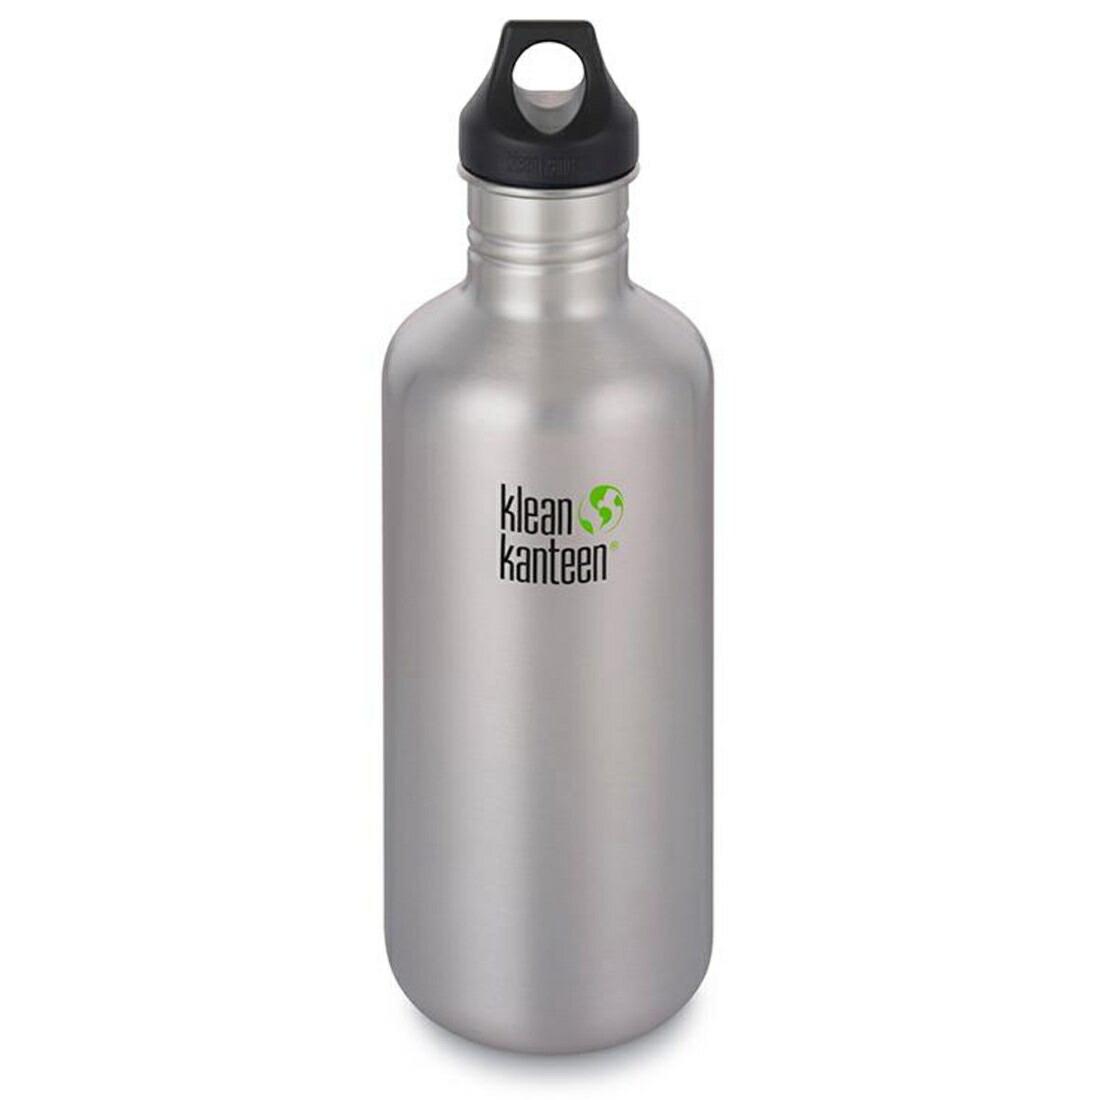 クリーンカンティーン クラシックボトル 40oz ボトル シングルウォール  国内正規品